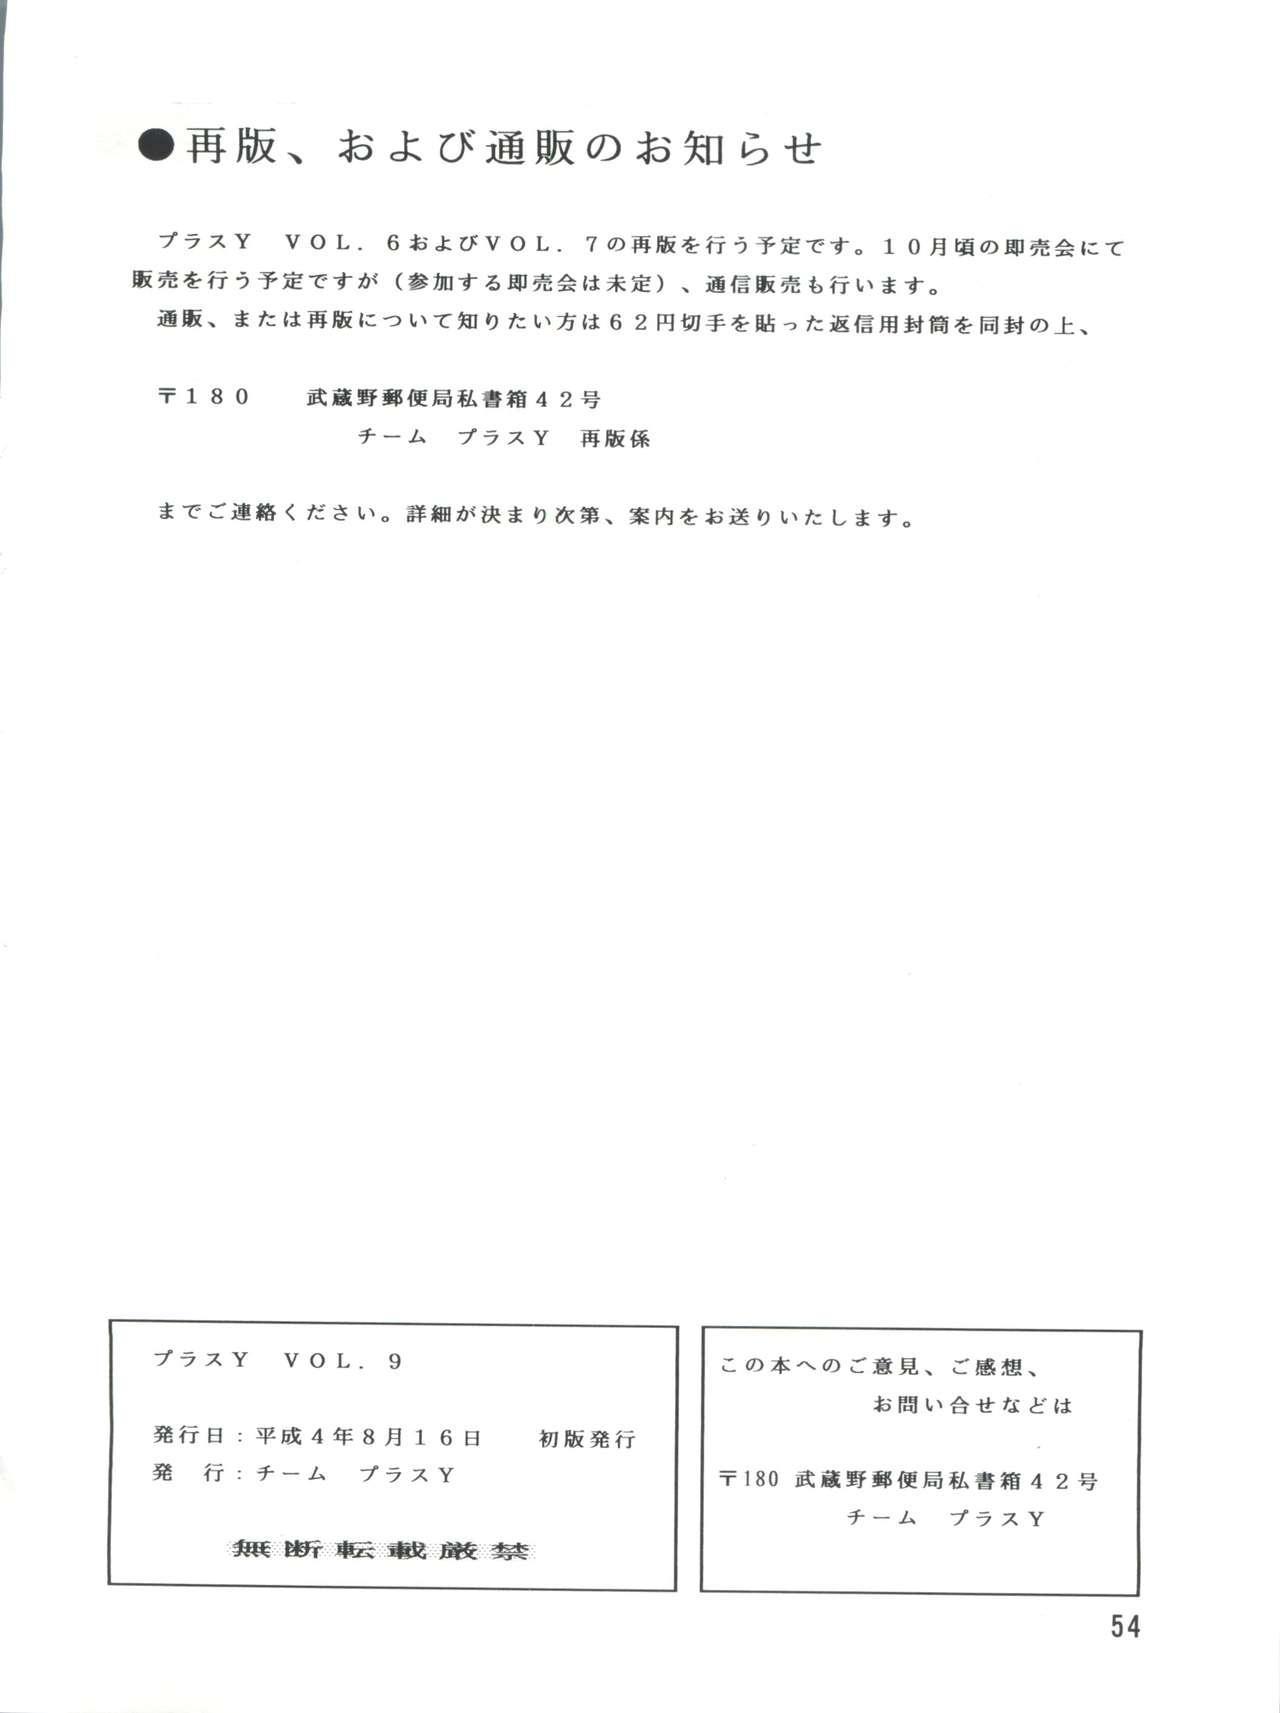 PLUS-Y Vol. 9 53